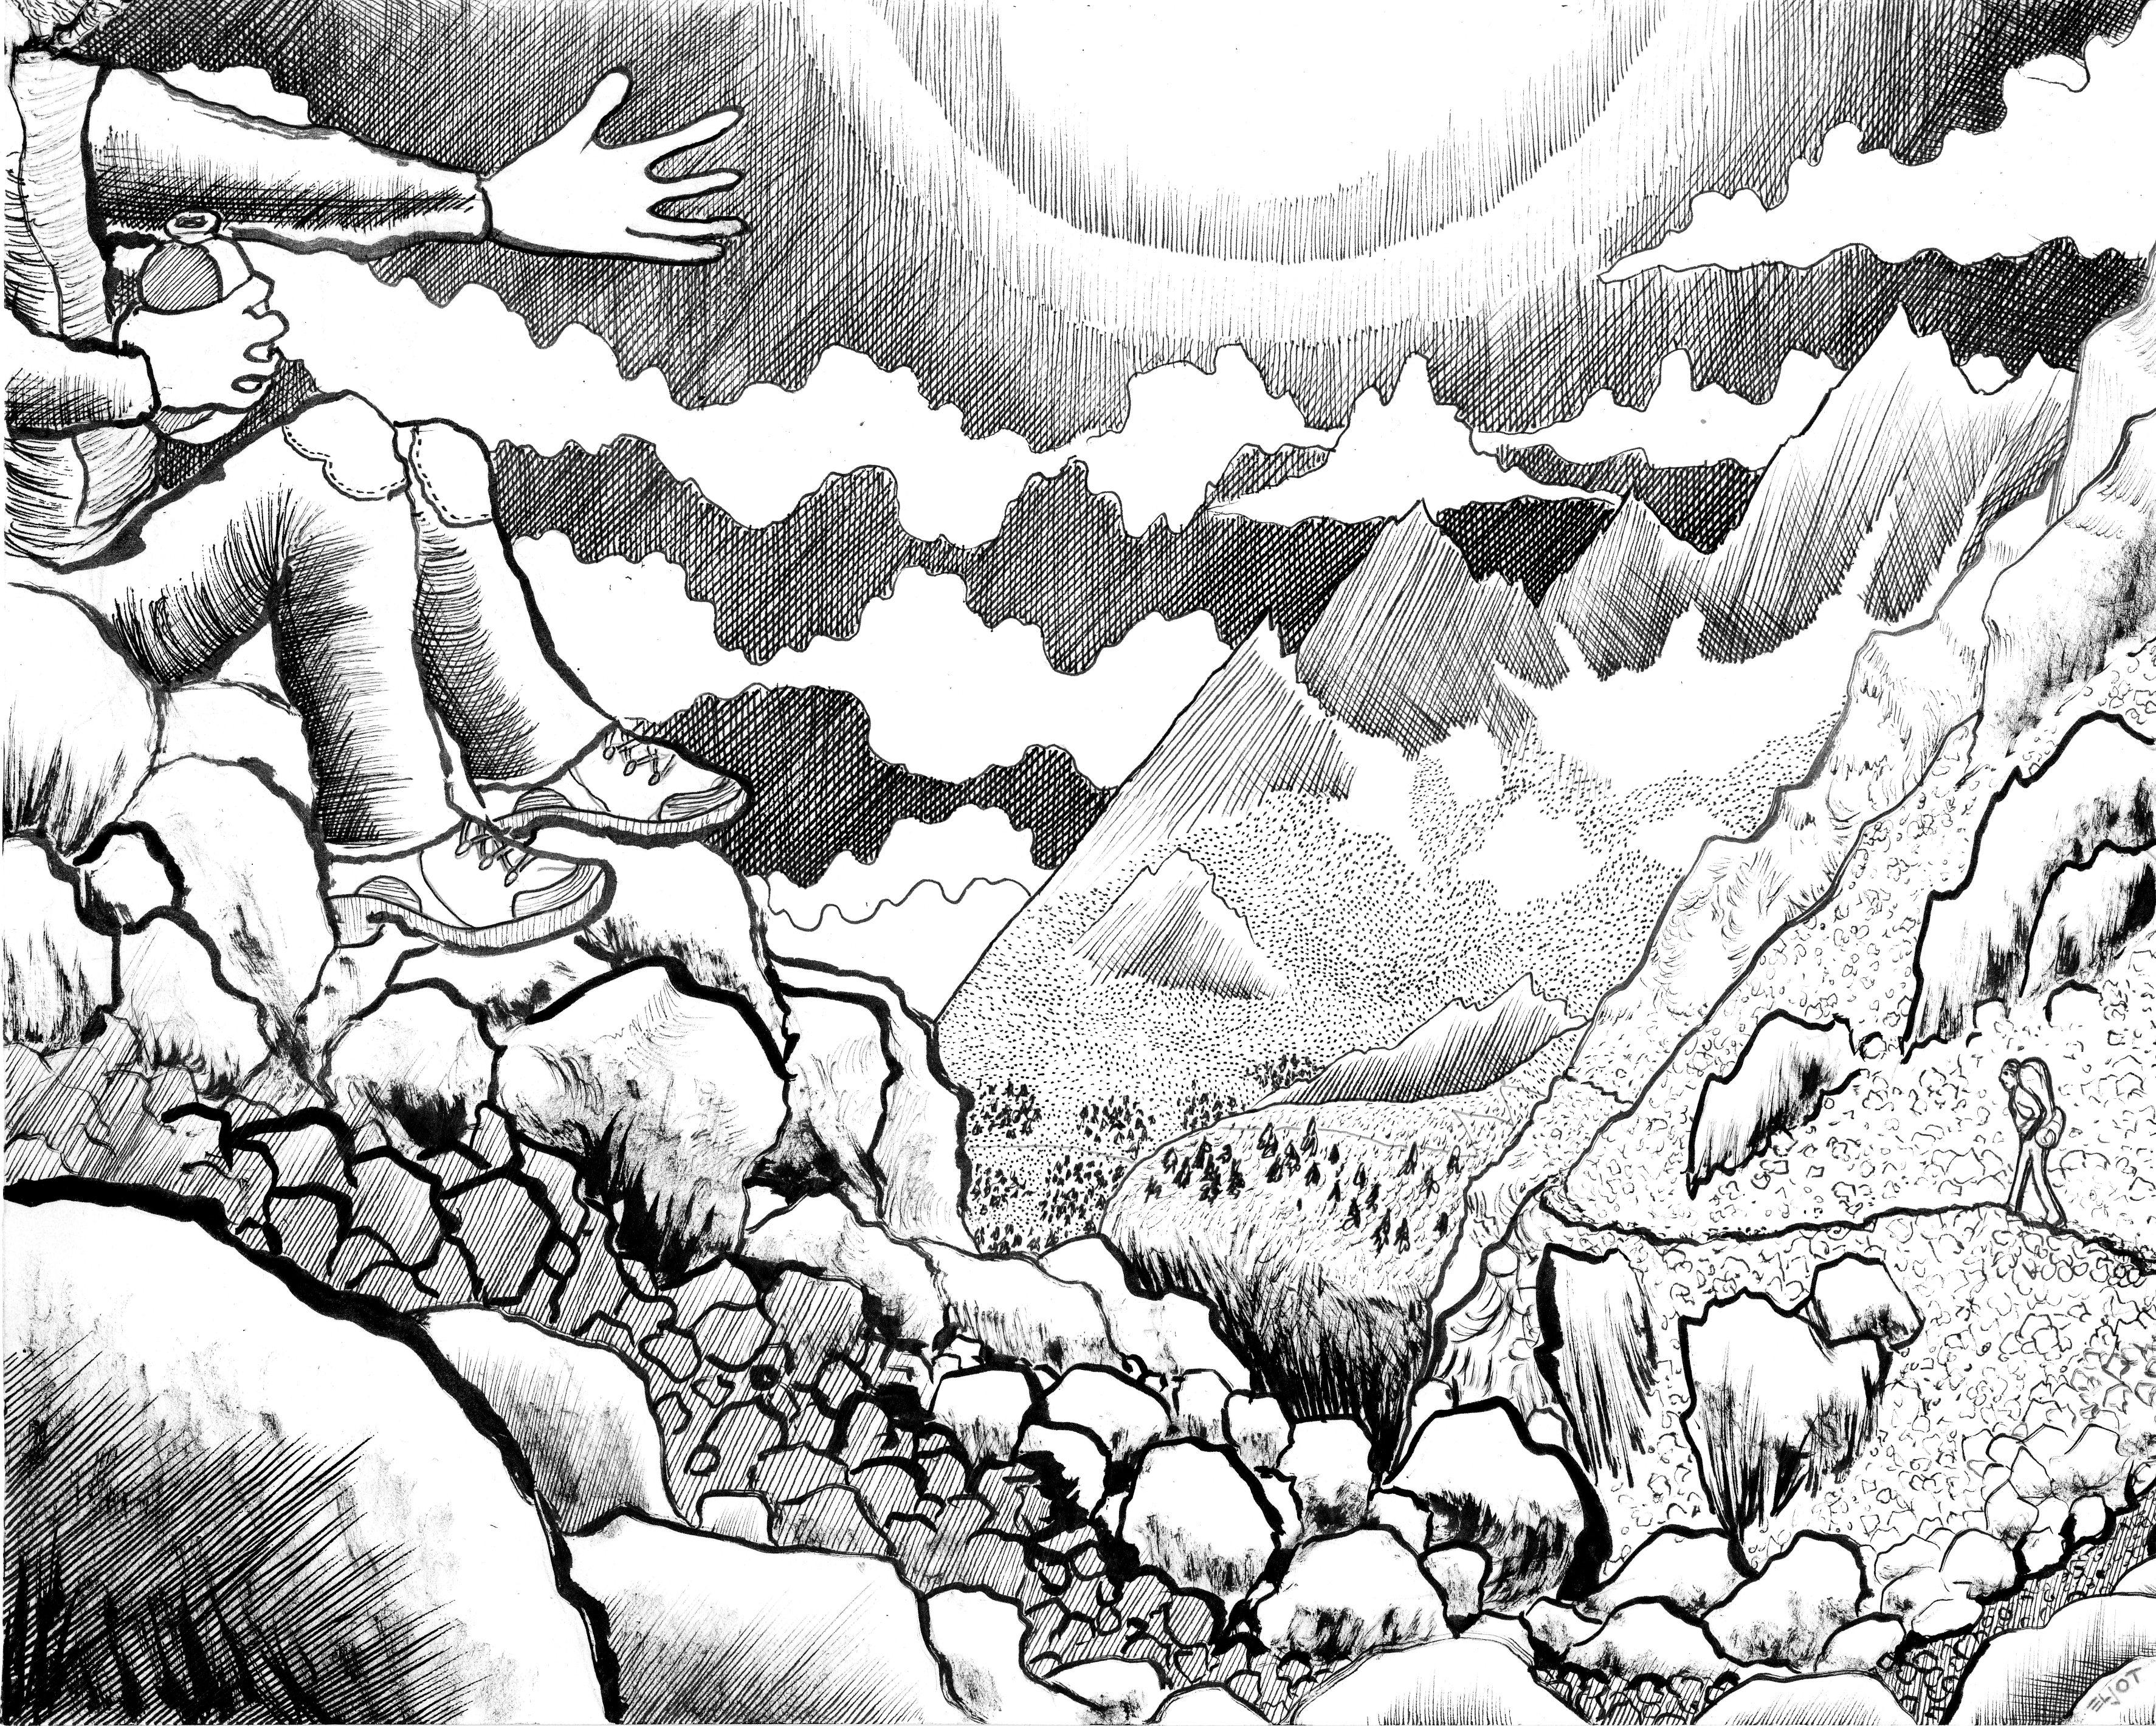 death hike by eljot 2